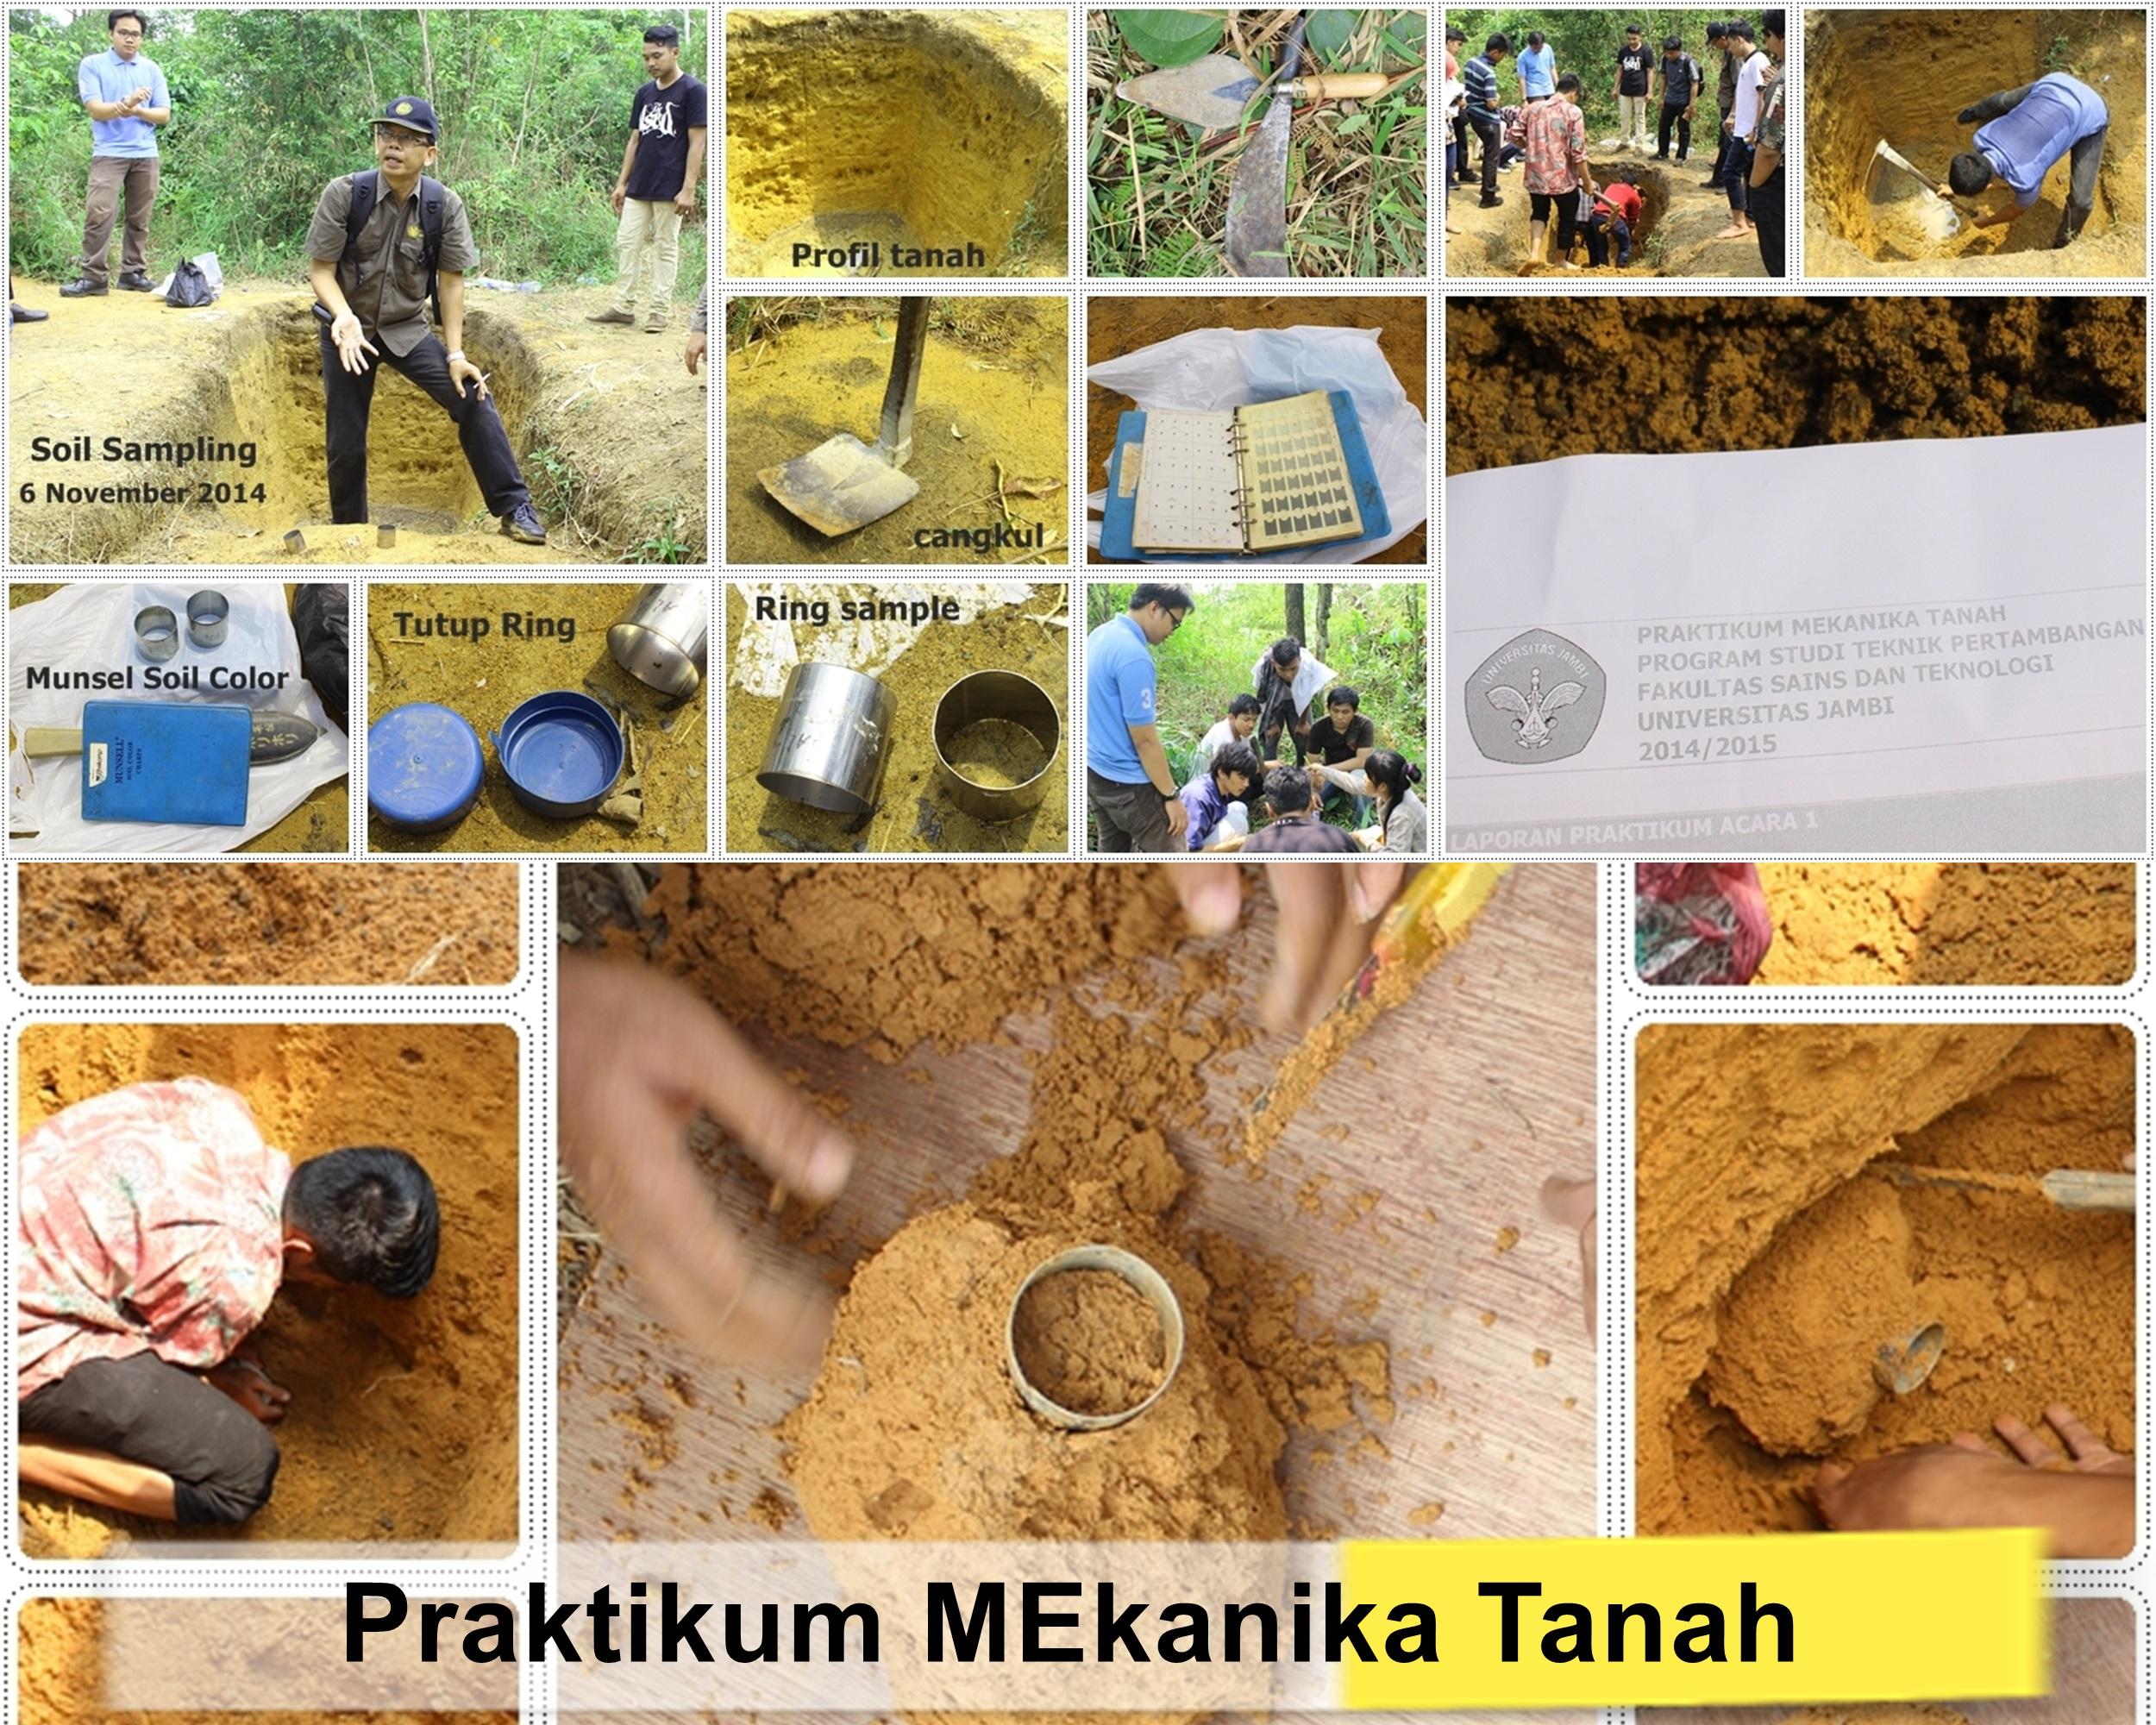 Praktikum Mekanika Tanah Teknik Pertambangan Universitas Jambi